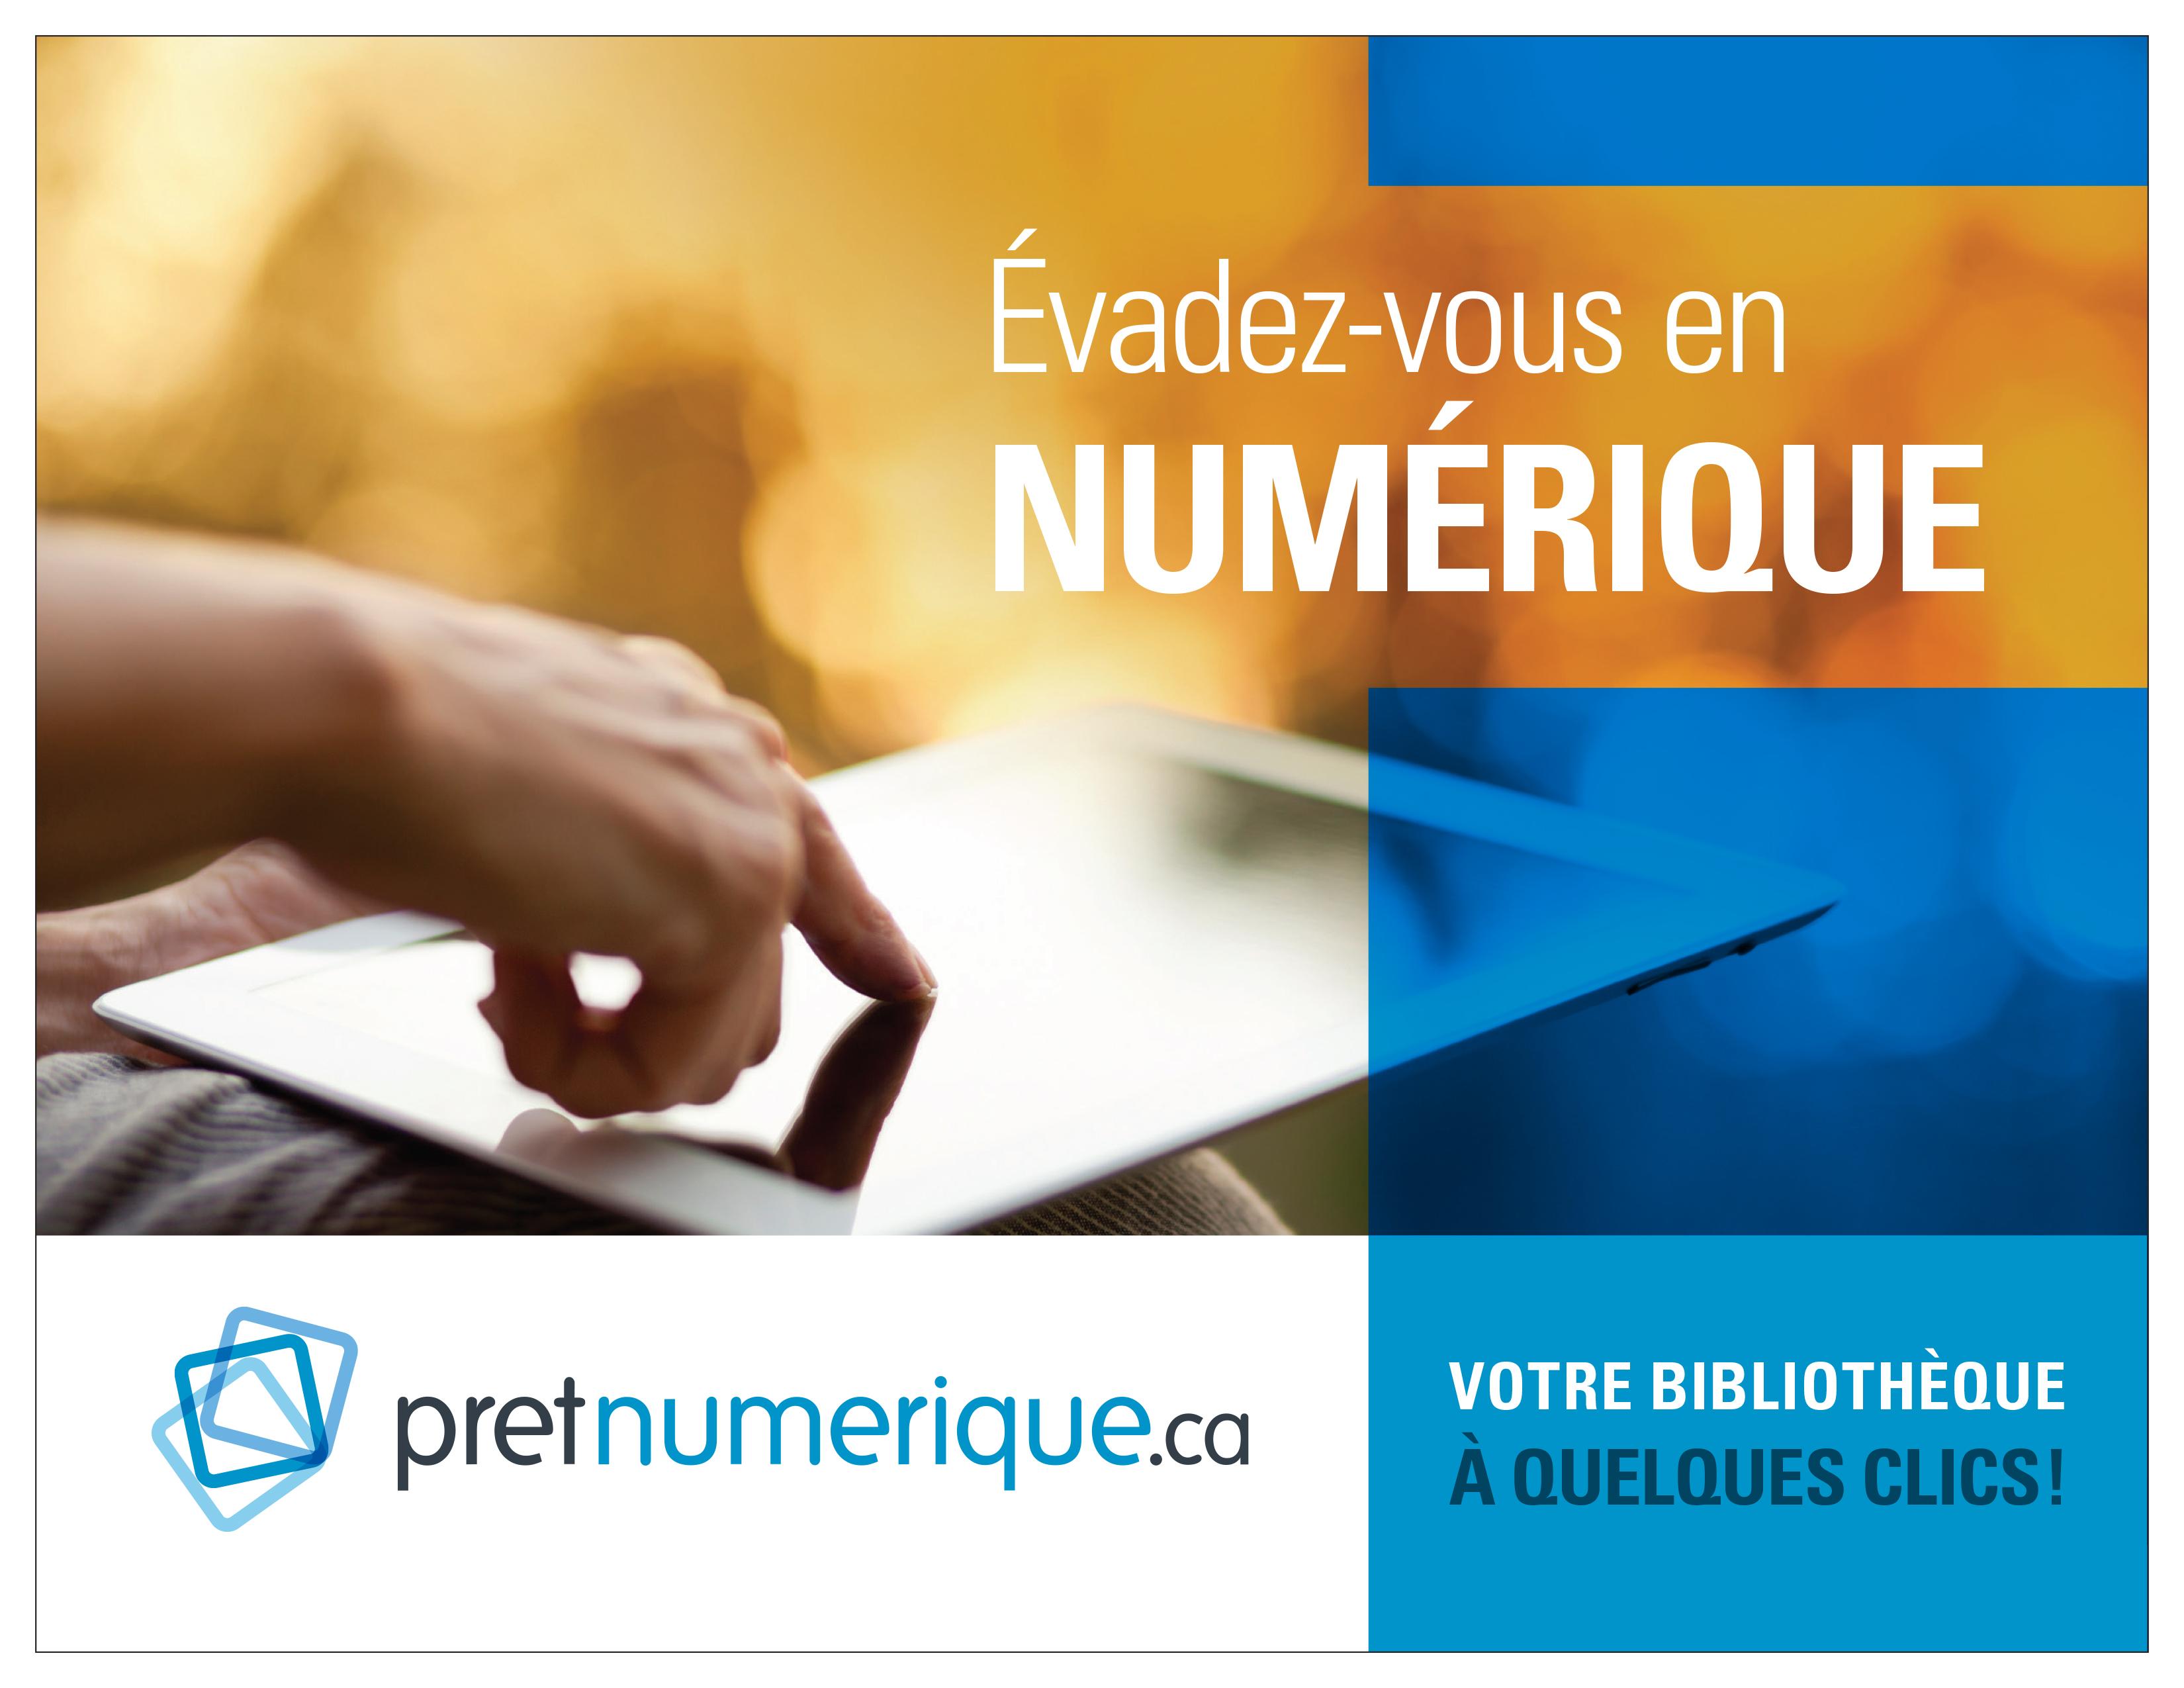 cll.pretnumerique.ca